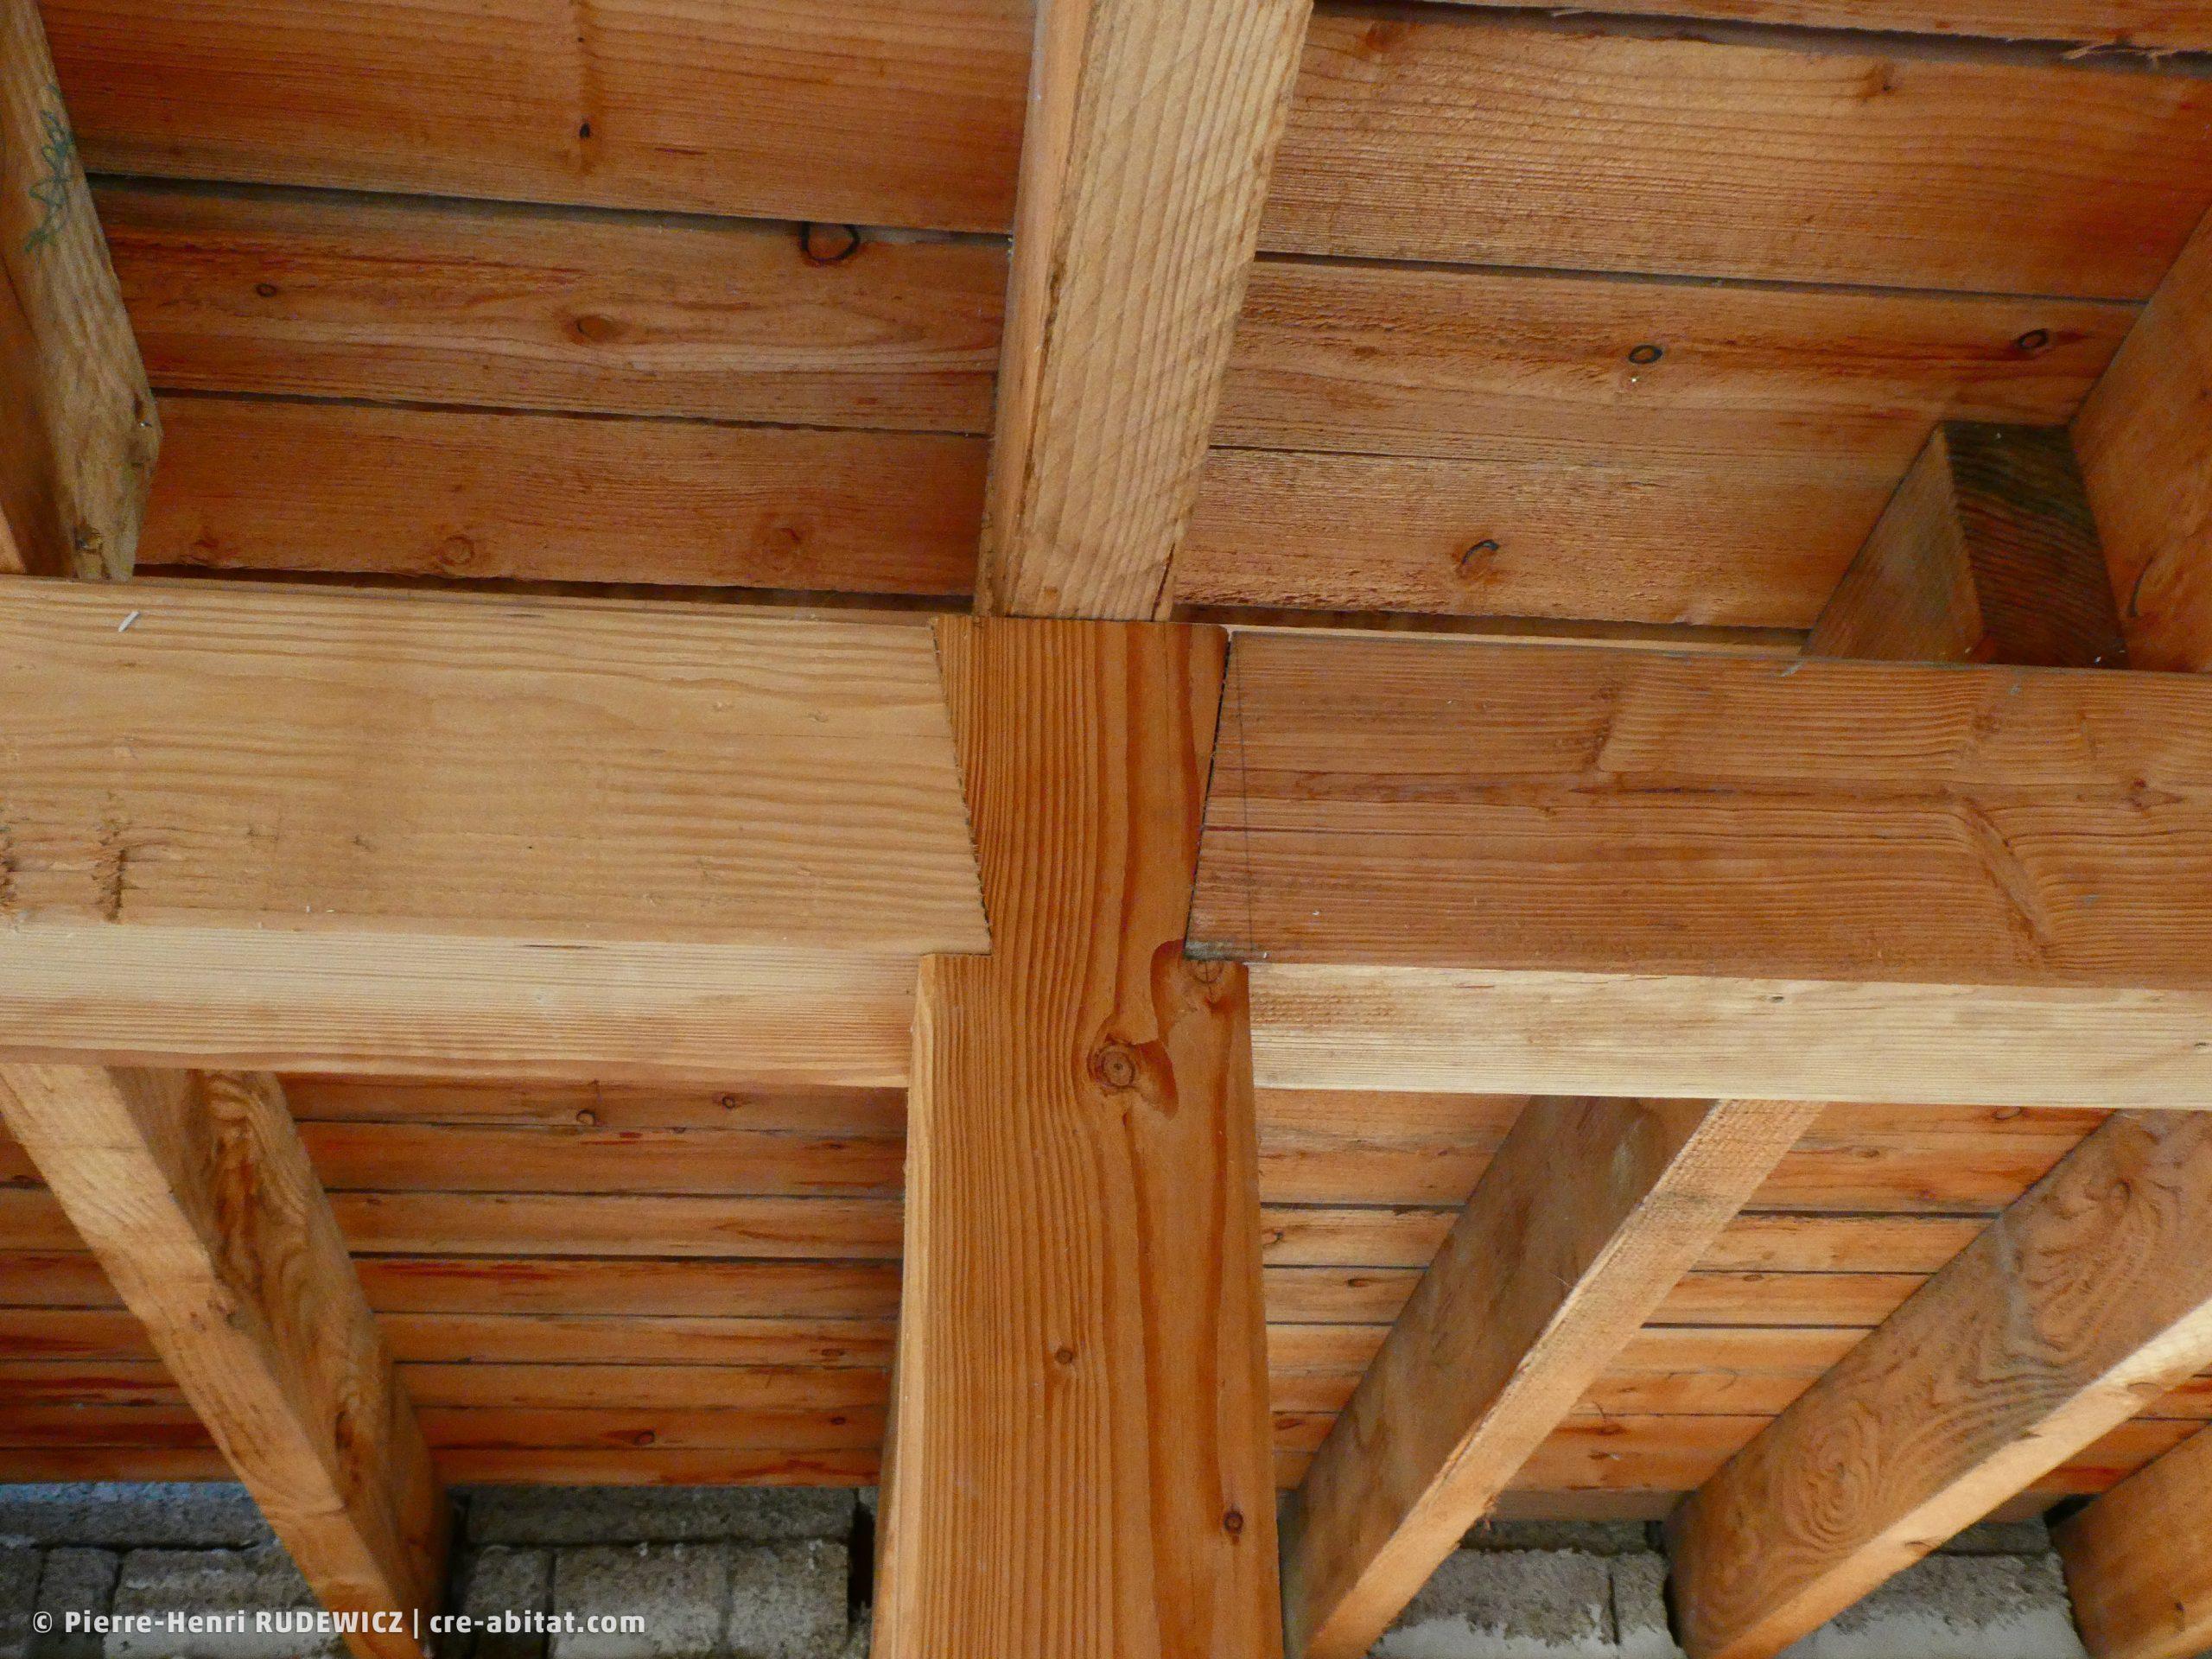 Maison individuelle - Détail charpente bois